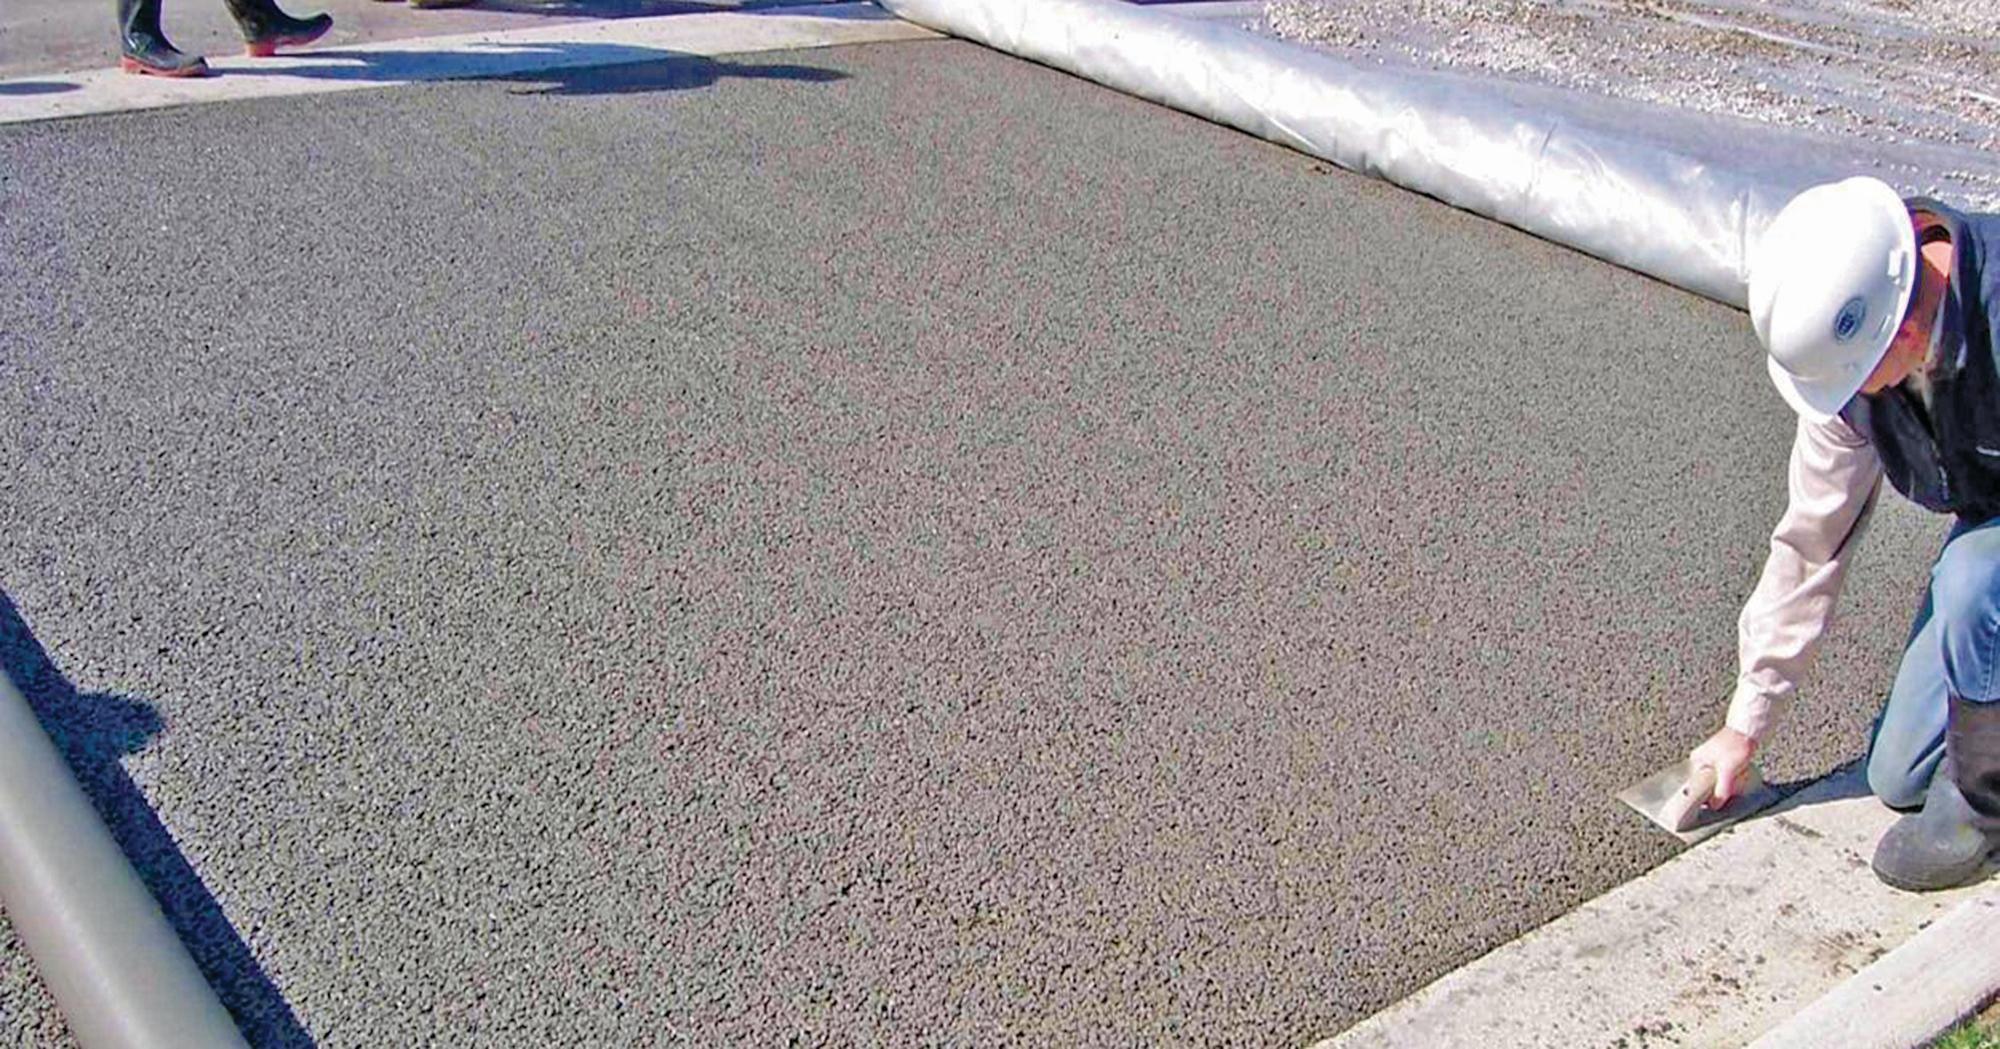 Troubleshooting Pervious Concrete Concrete Construction